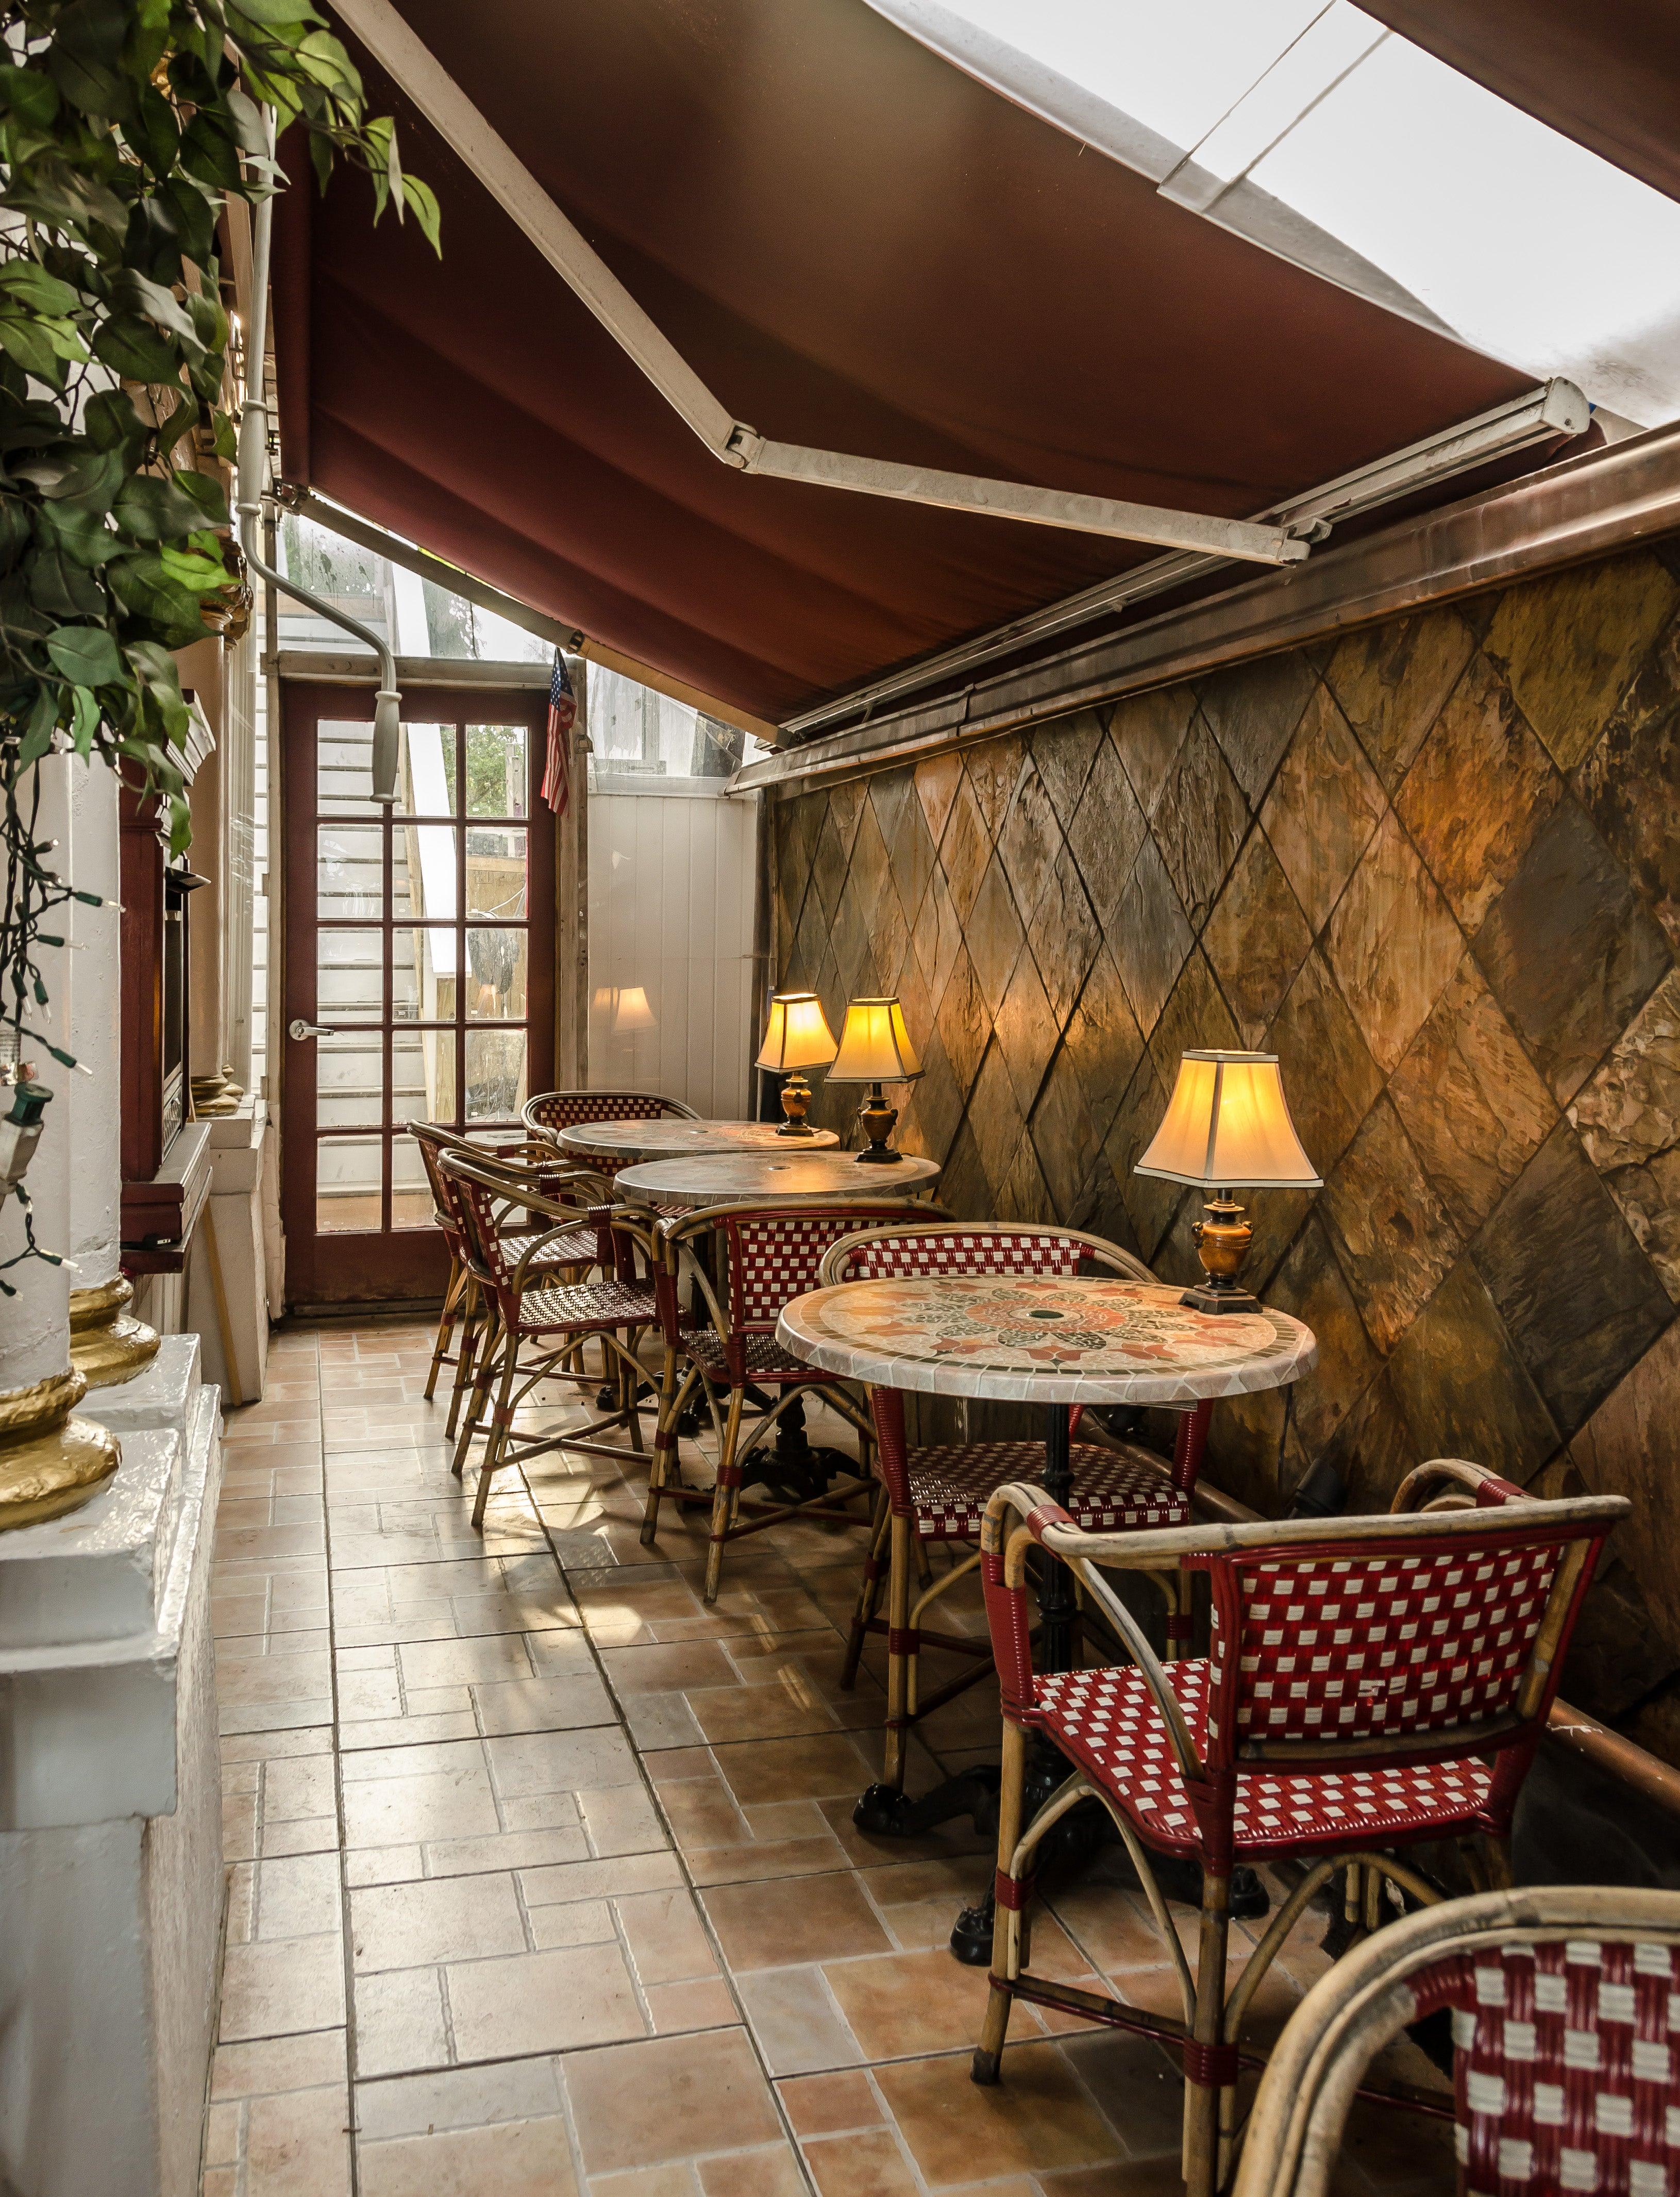 Casablanca Inn On The Bay,